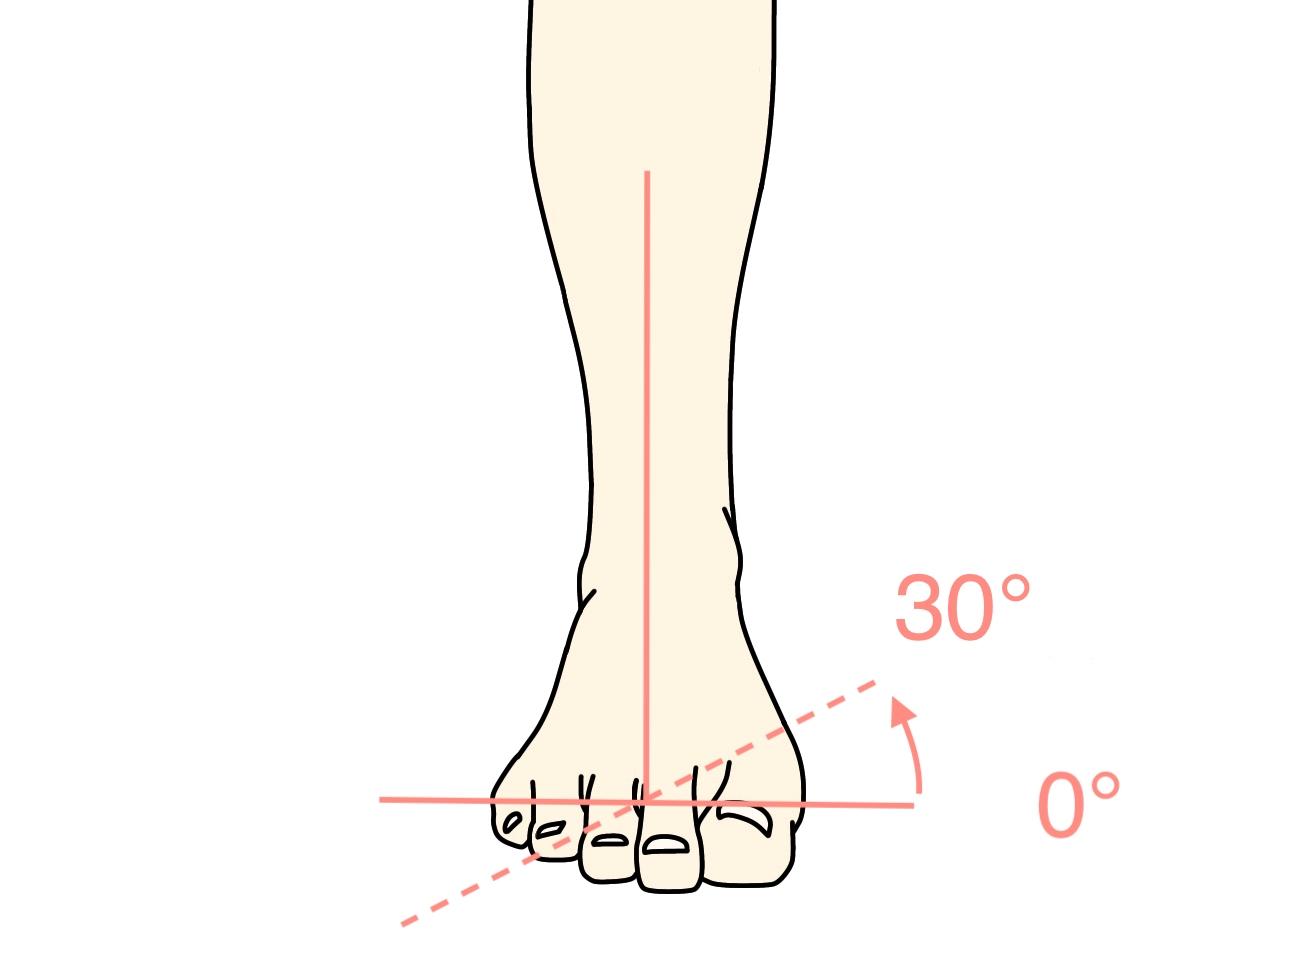 足の底を内側に向ける動作(内反)の関節可動域(ROM)と働く筋肉のまとめ